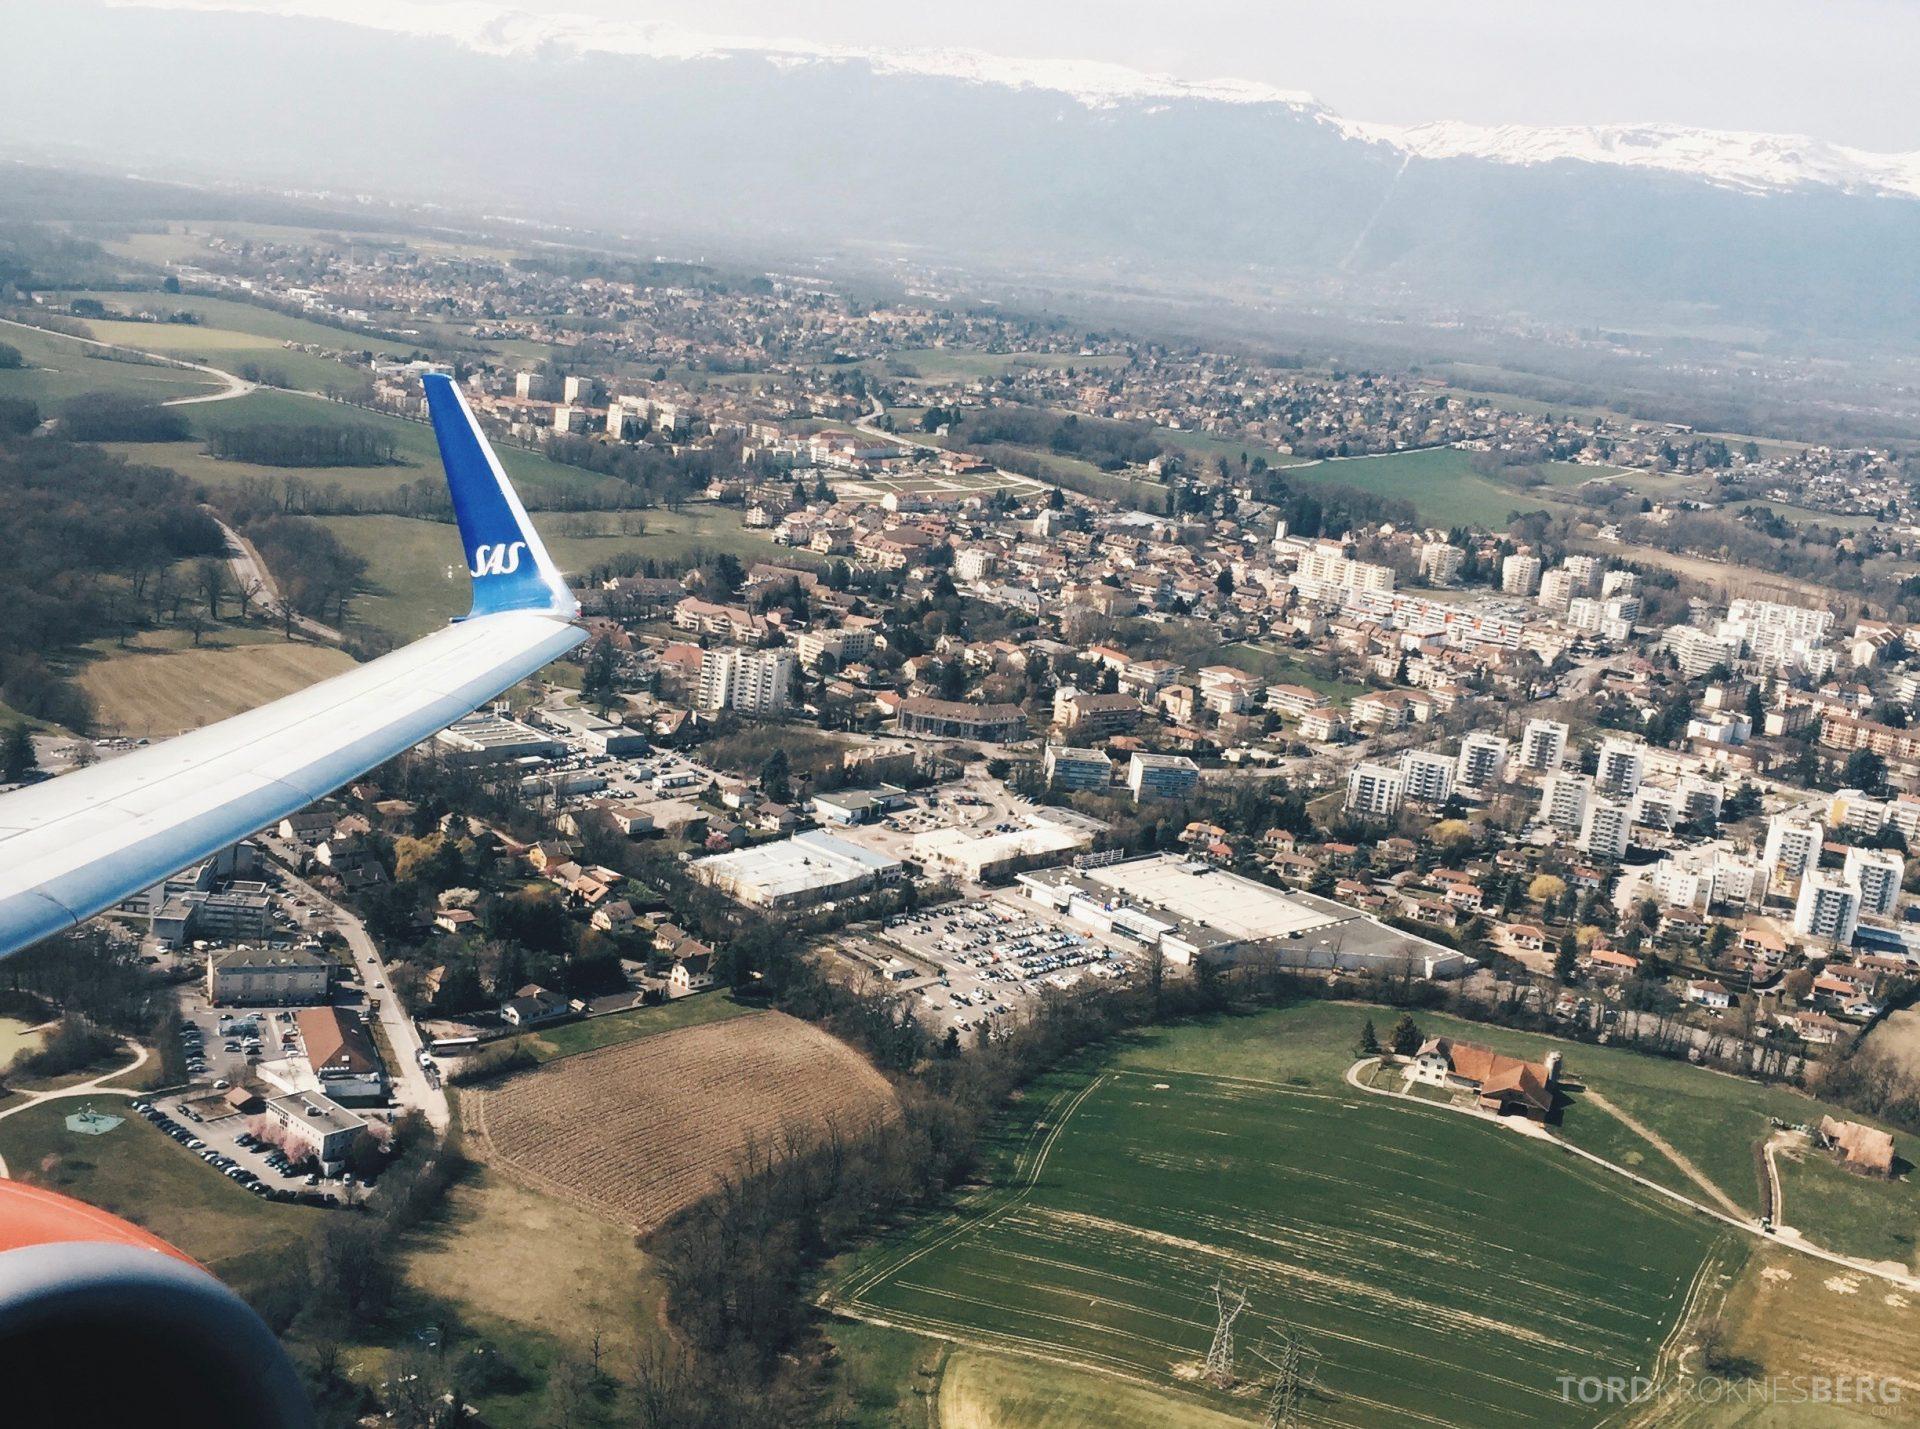 SAS Plus til Genève utsikt over byen